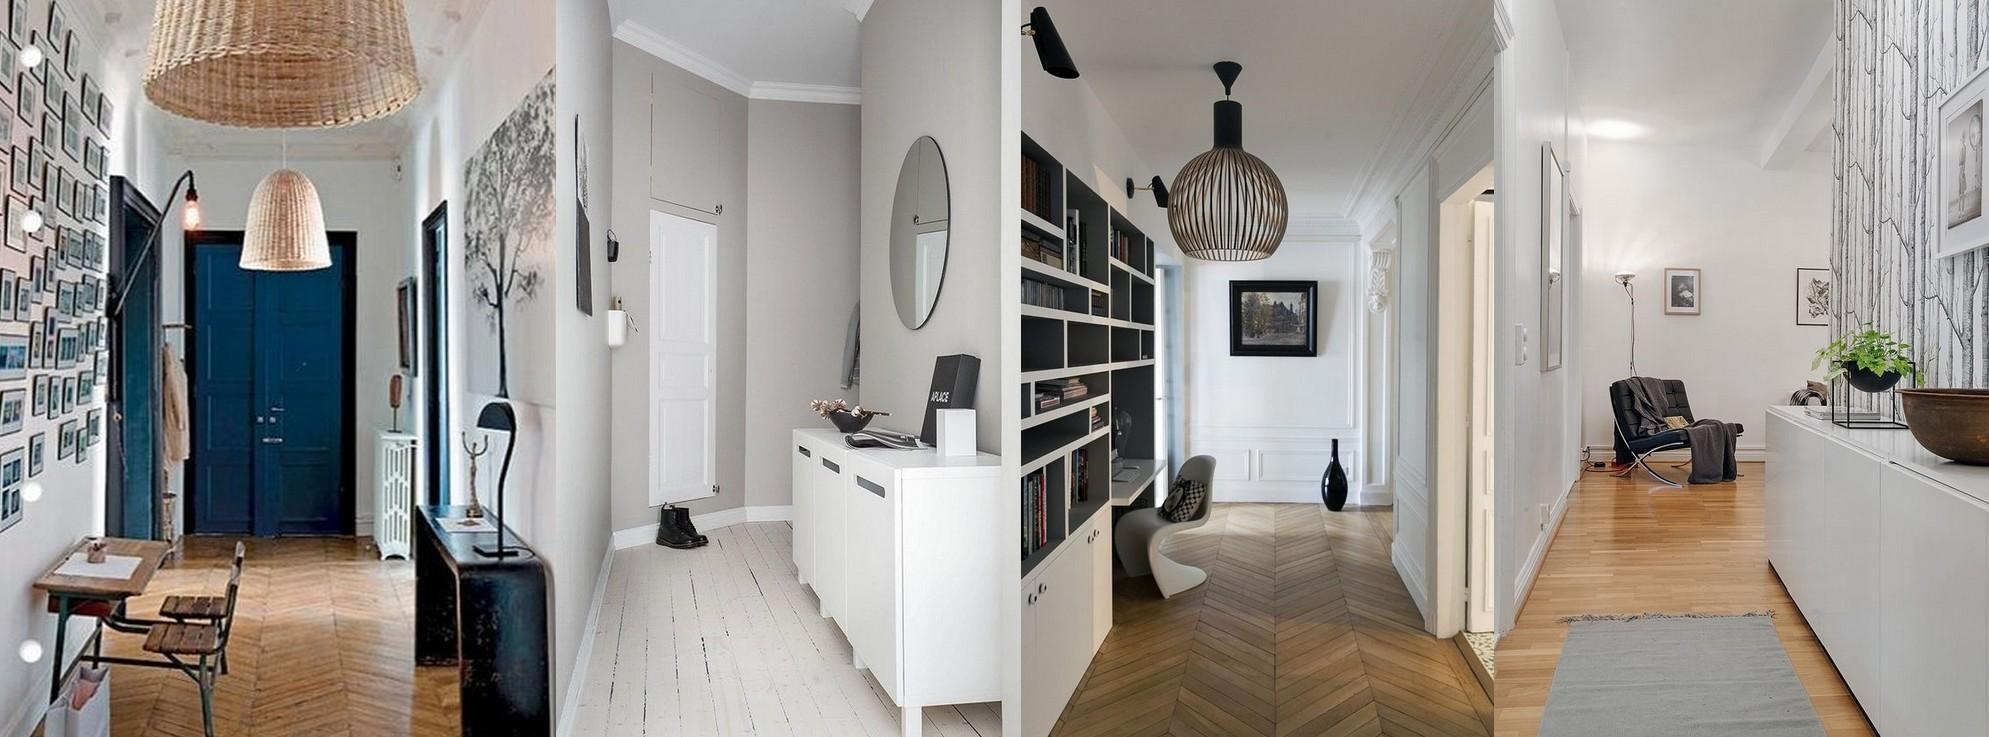 Couloirs (1).jpg